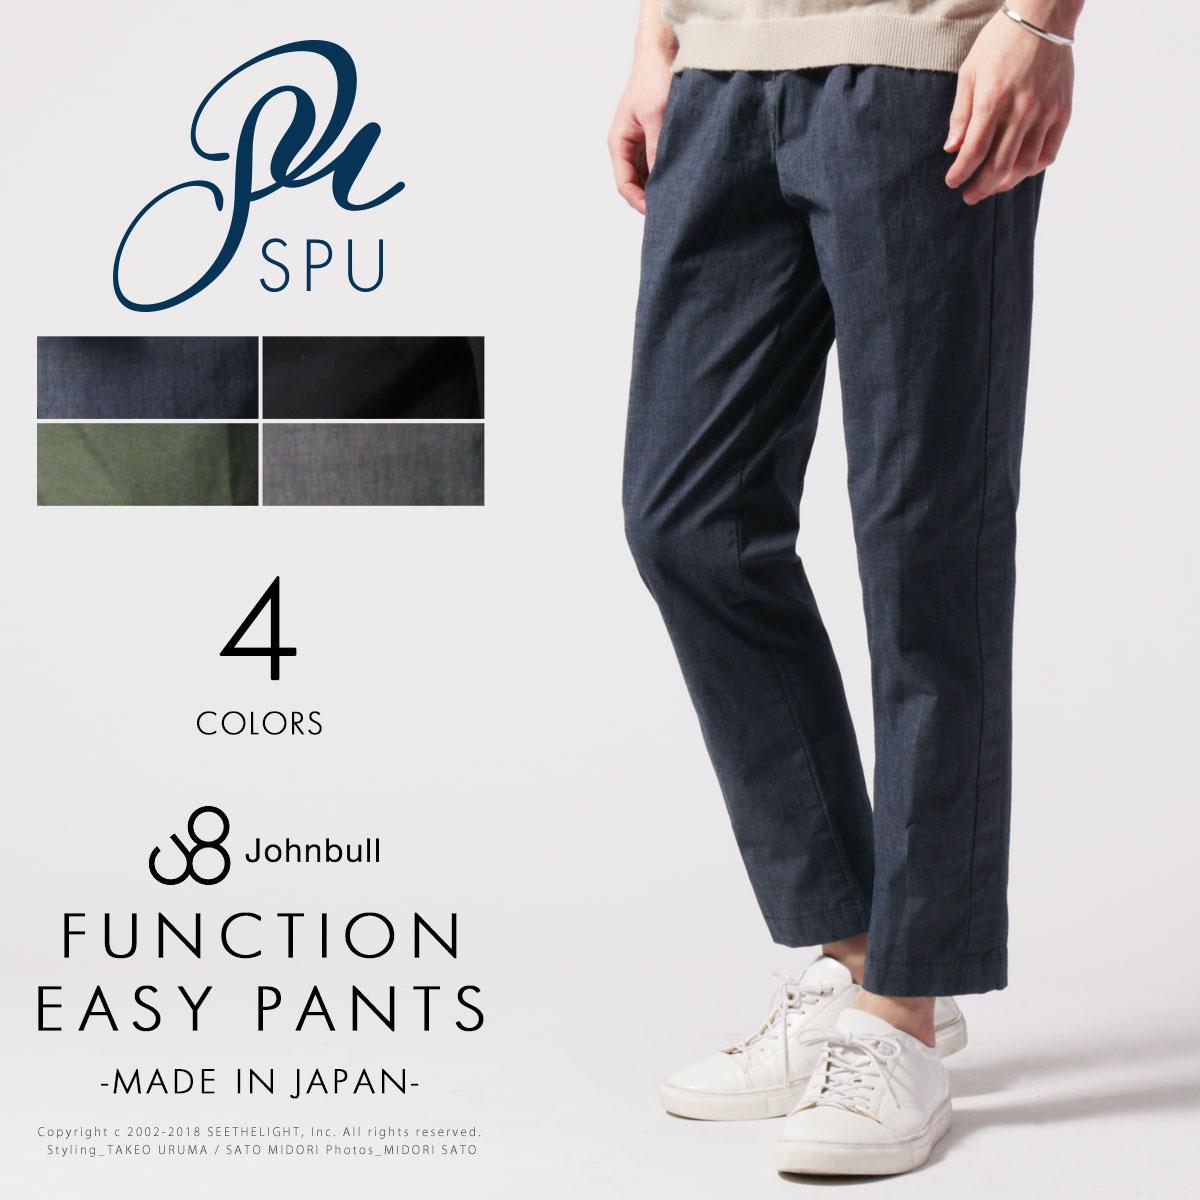 アンクルパンツ メンズ パンツ メンズファッション 日本製 ファンクション イージー パンツ Johnbull ジョンブル